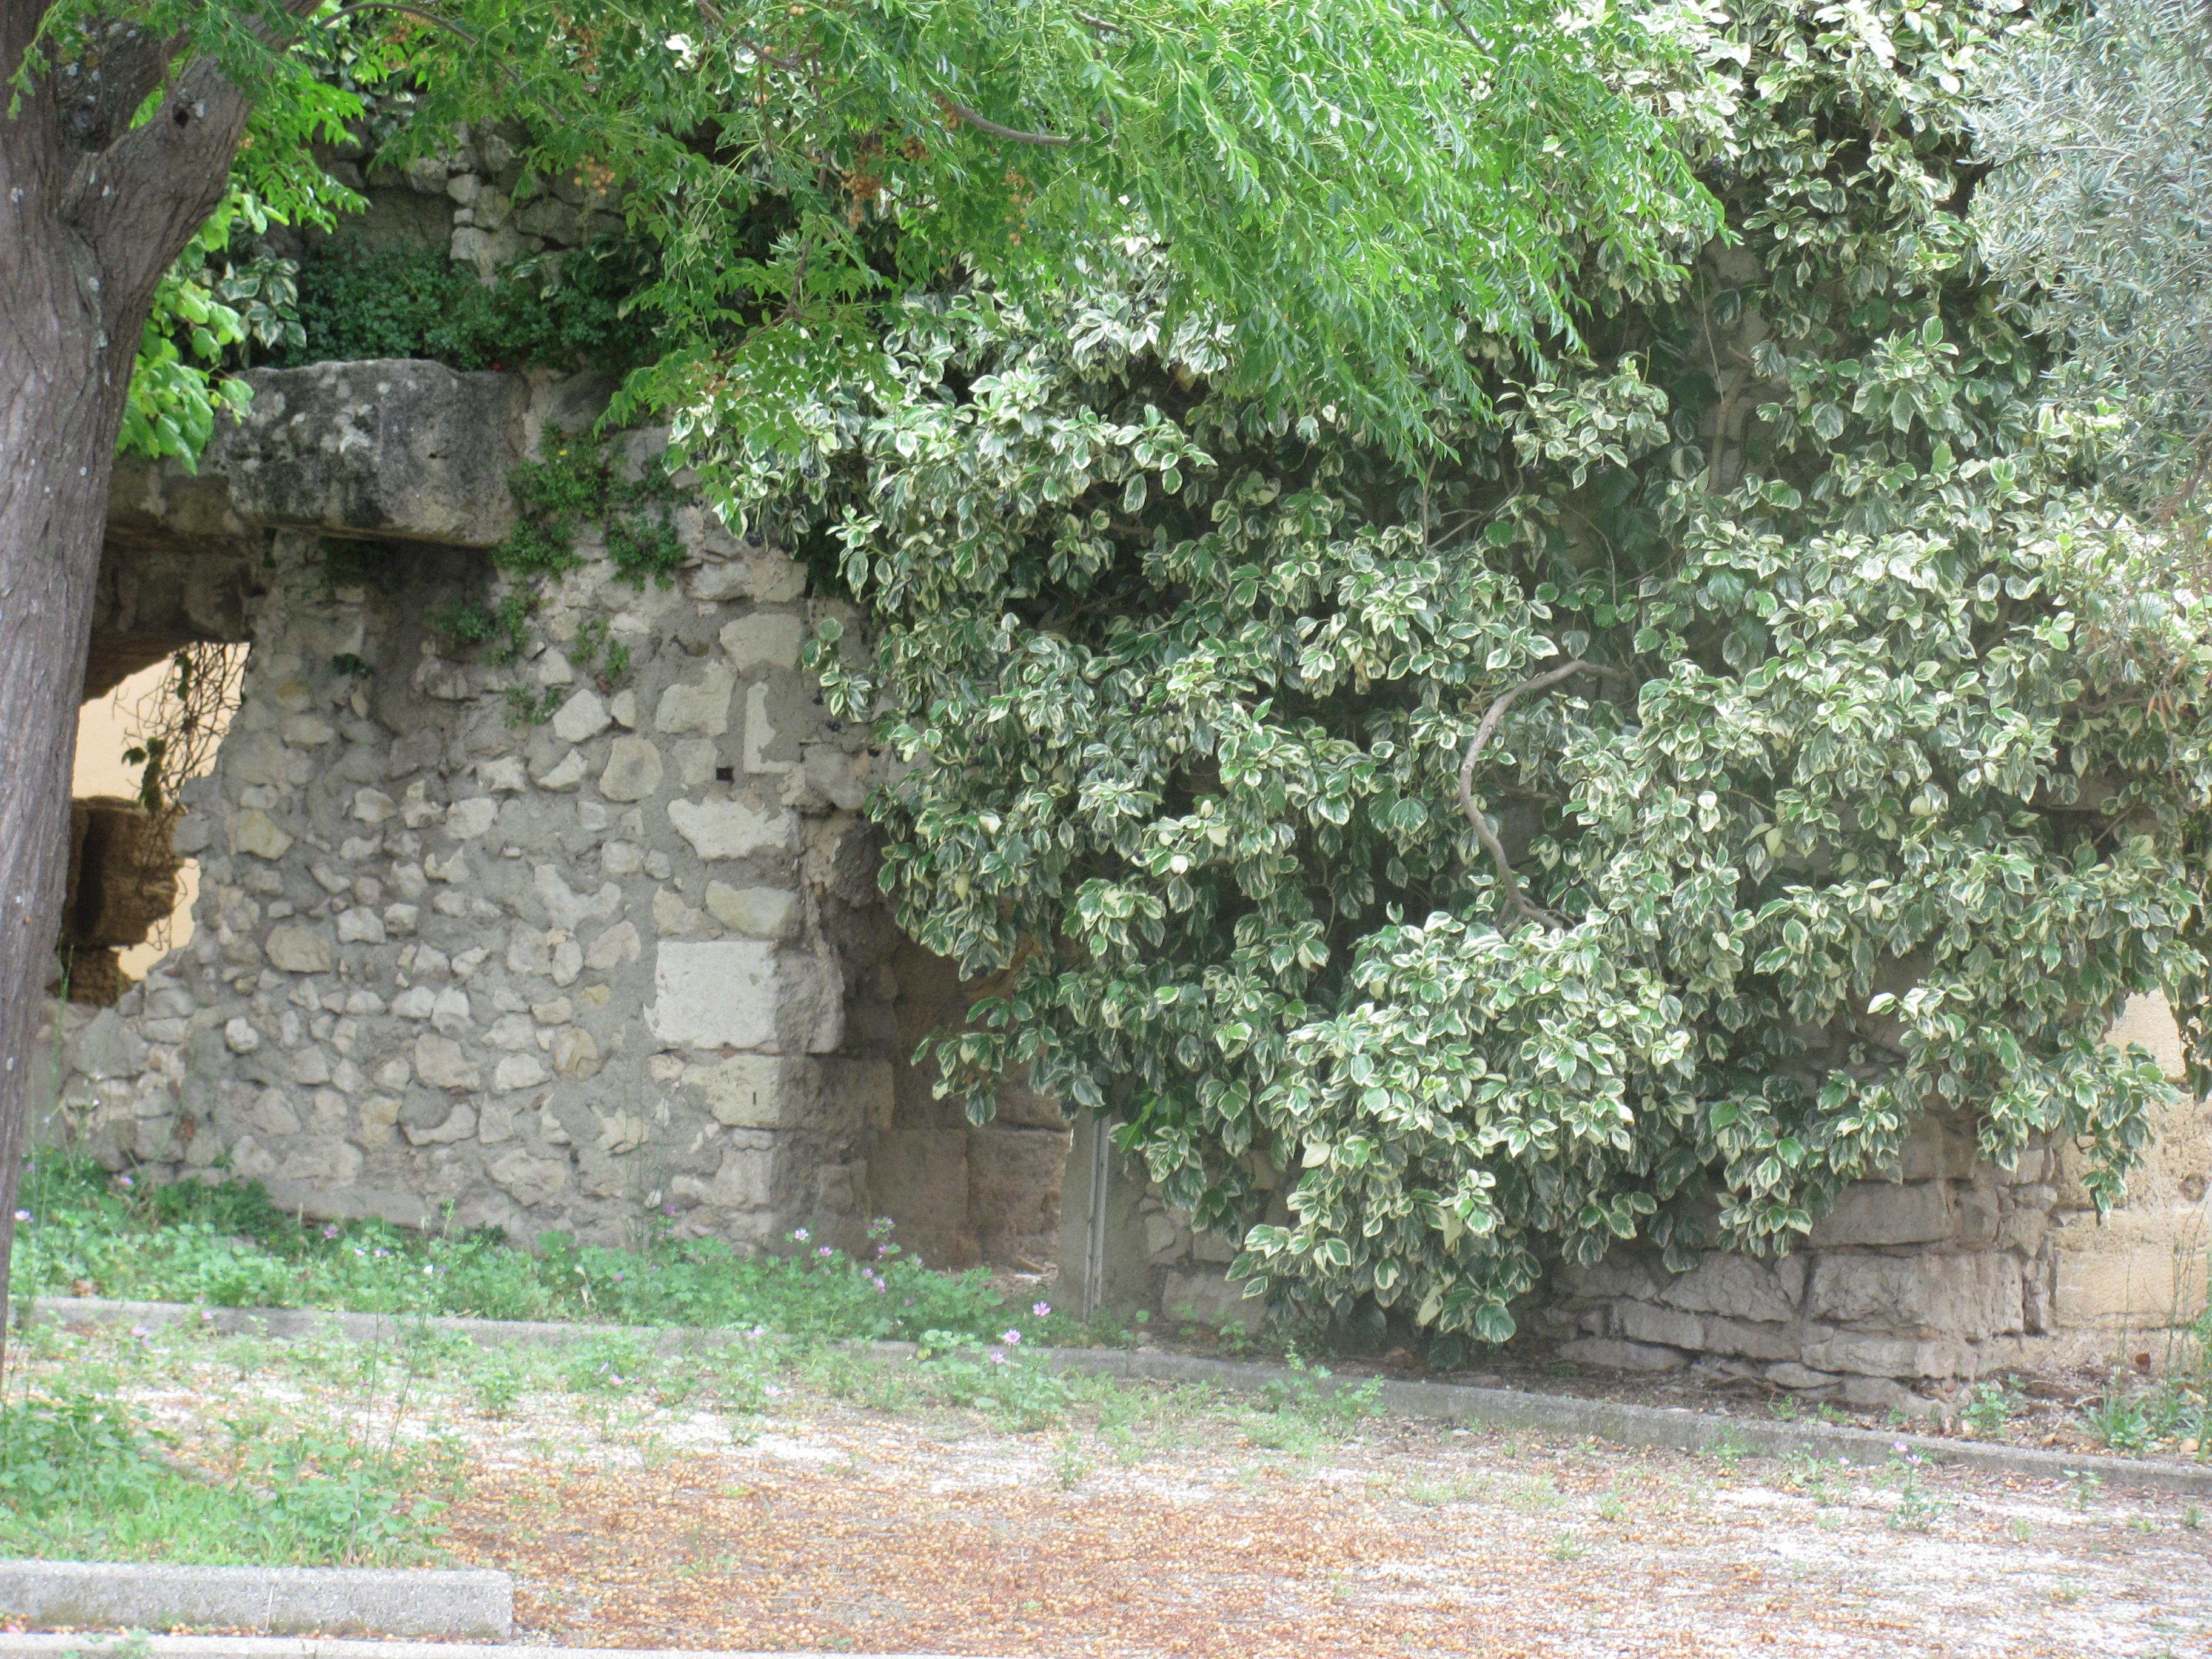 Le jeu de l'été : photo mystère ? Où se trouve ce muret dans les Bouches du Rhône ?